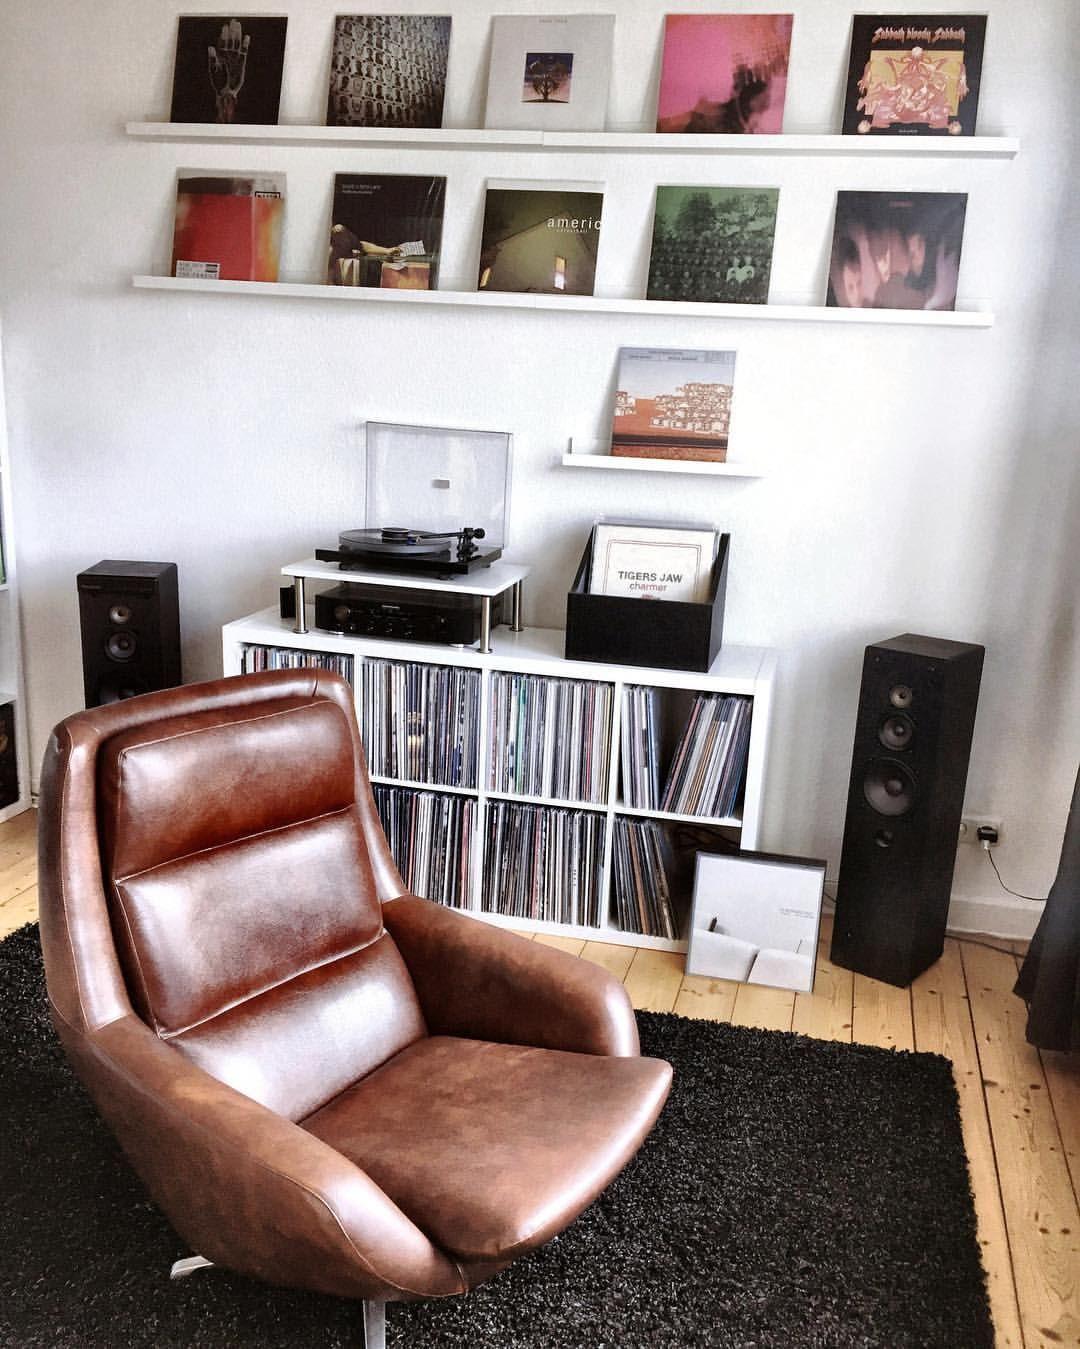 die besten 25 7 vinyl aufbewahrung ideen auf pinterest mudding zitate hifi regal f r. Black Bedroom Furniture Sets. Home Design Ideas